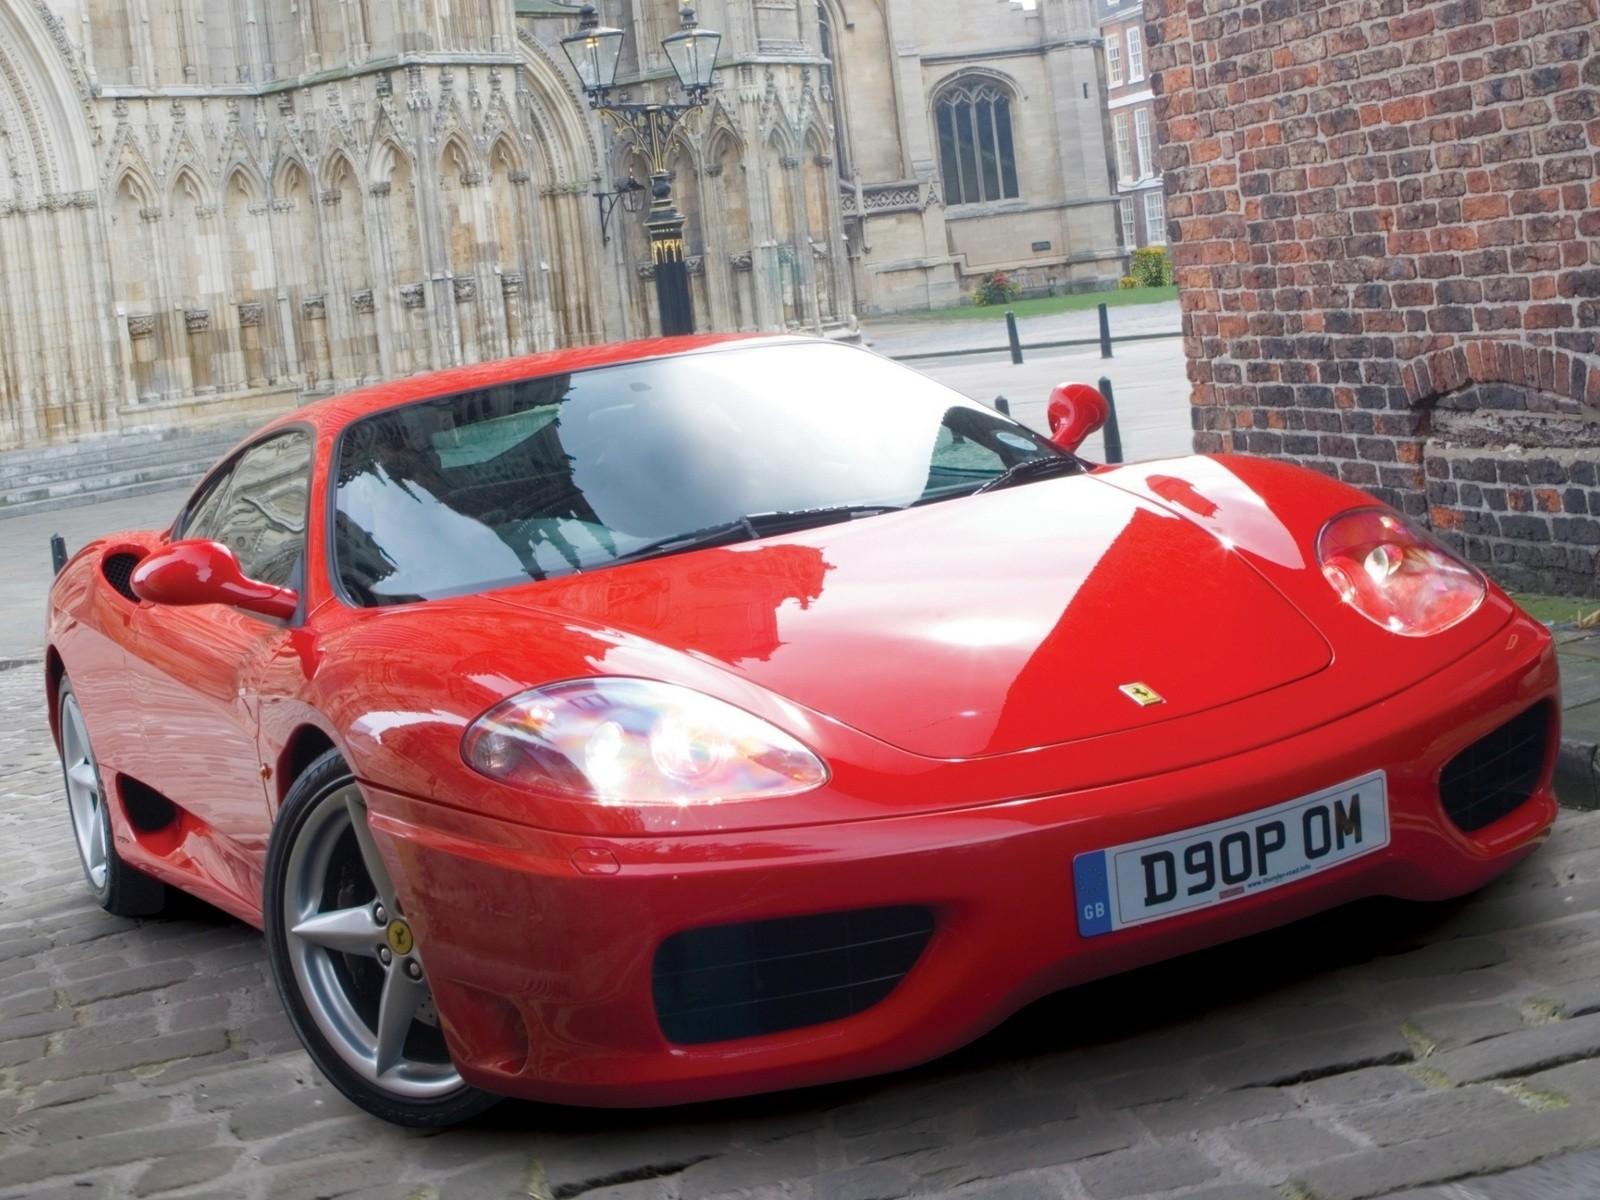 Project Cars Wallpaper Red Ferrari 360 Modena Specs 1999 2000 2001 2002 2003